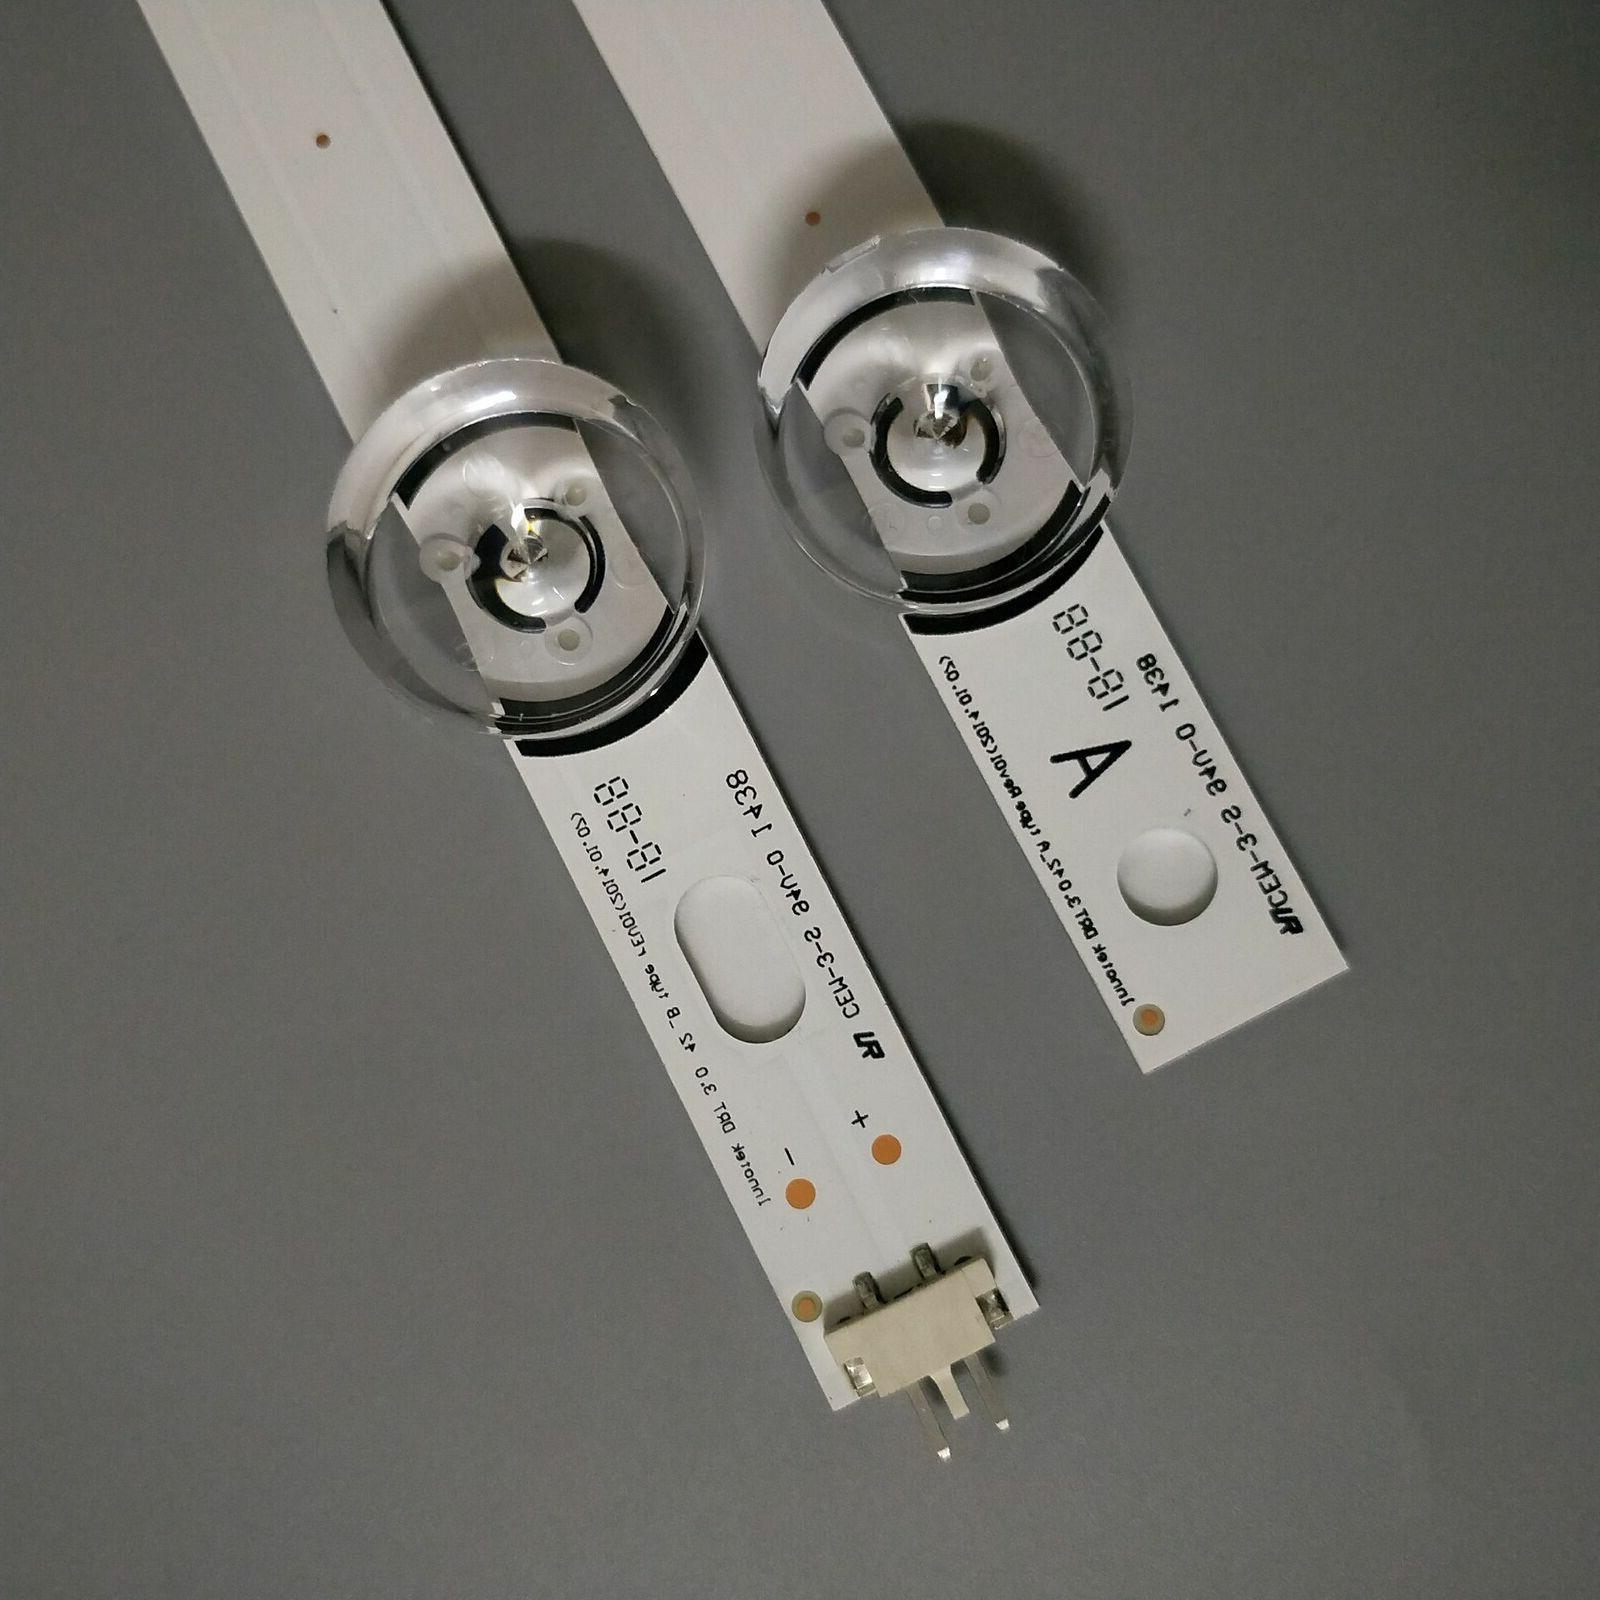 LED LG T420HVF07.1s